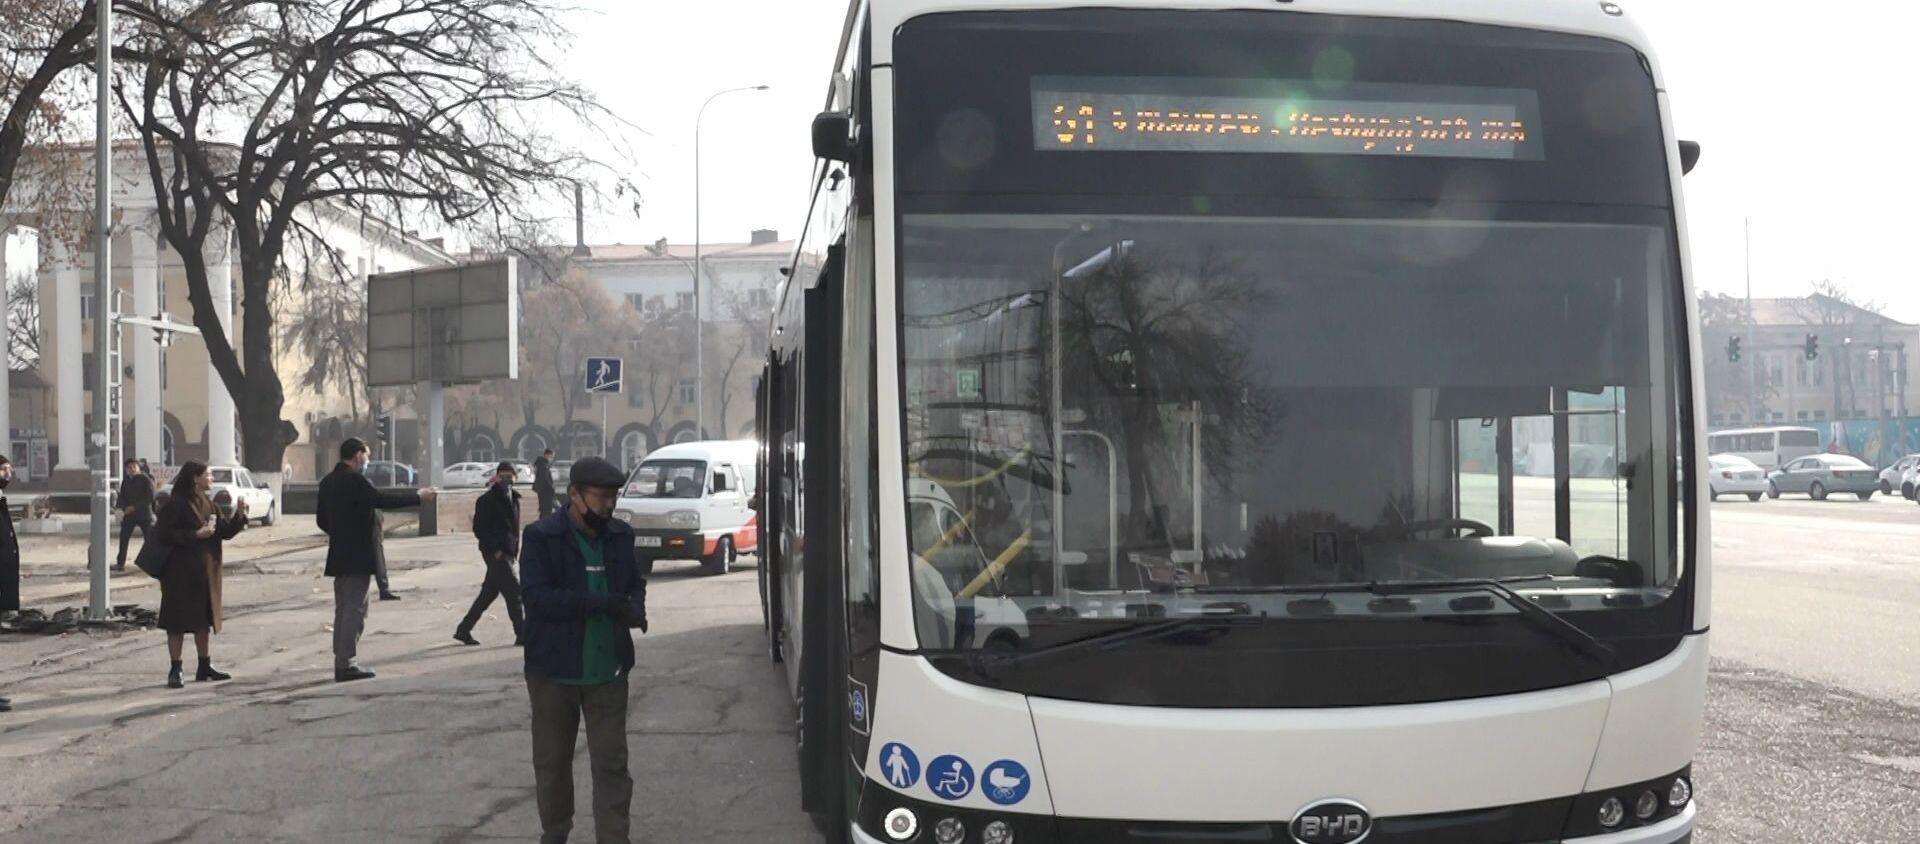 Первый электробус вышел на маршрут в Ташкенте - Sputnik Узбекистан, 1920, 02.12.2020